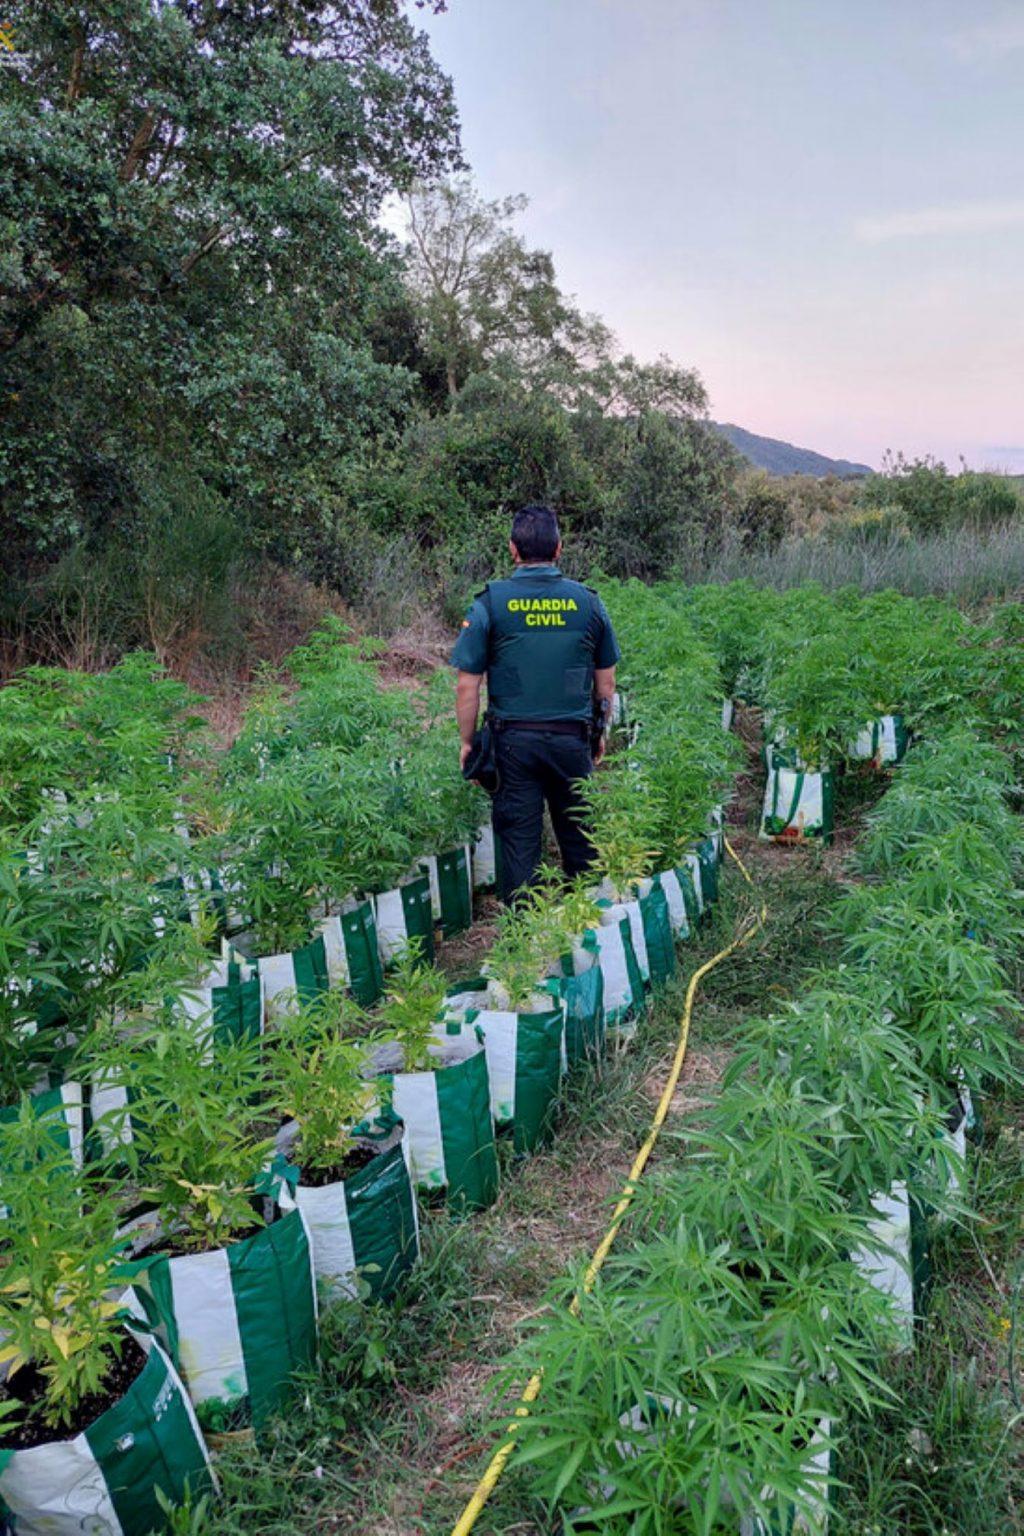 Cultiu de marihuana al bell mig del bosc a Llagostera